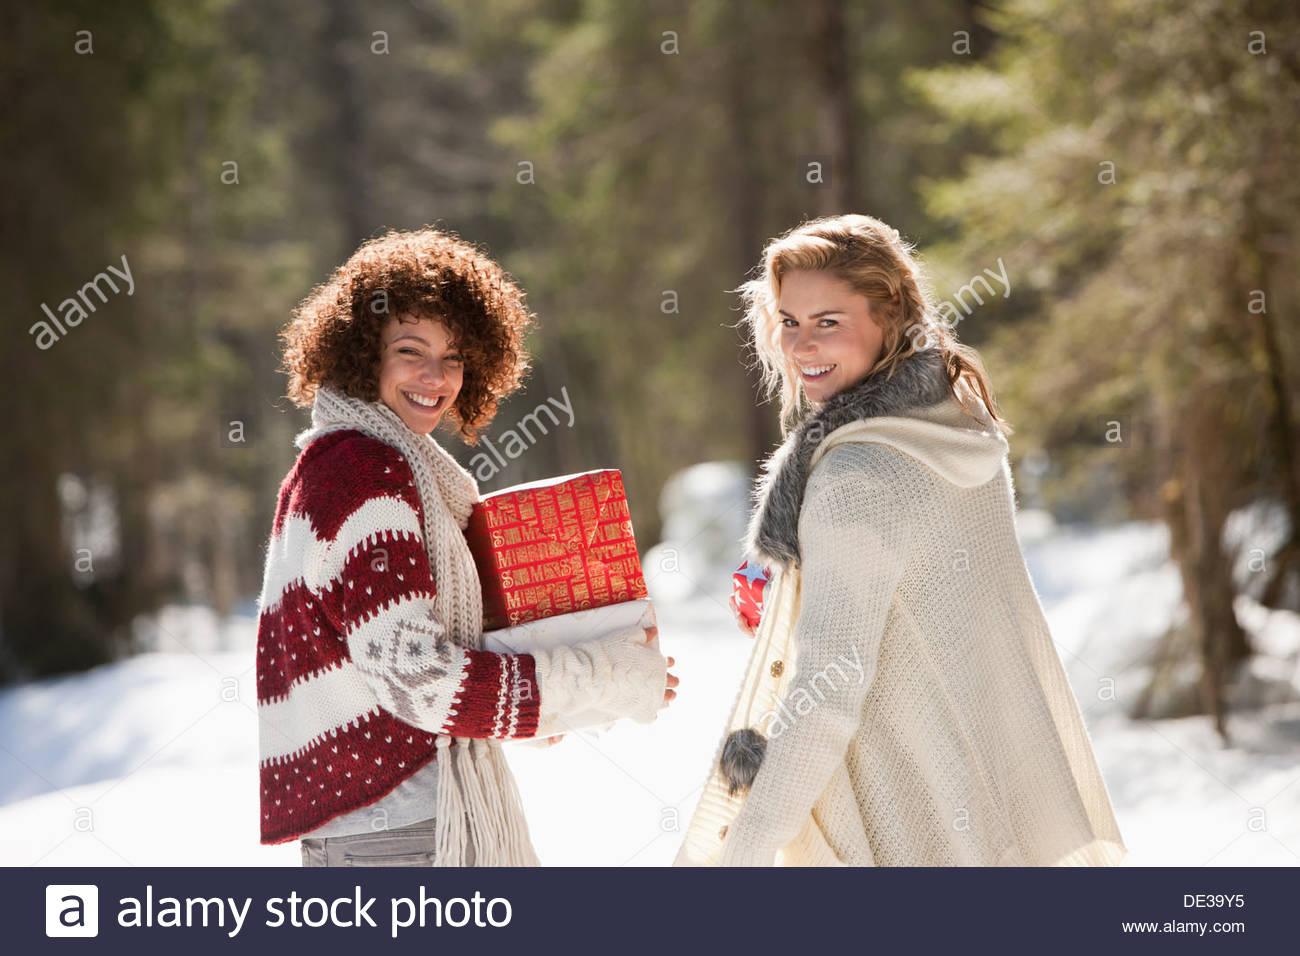 Zwei Frauen mit Geschenken im Freien im Schnee Stockbild